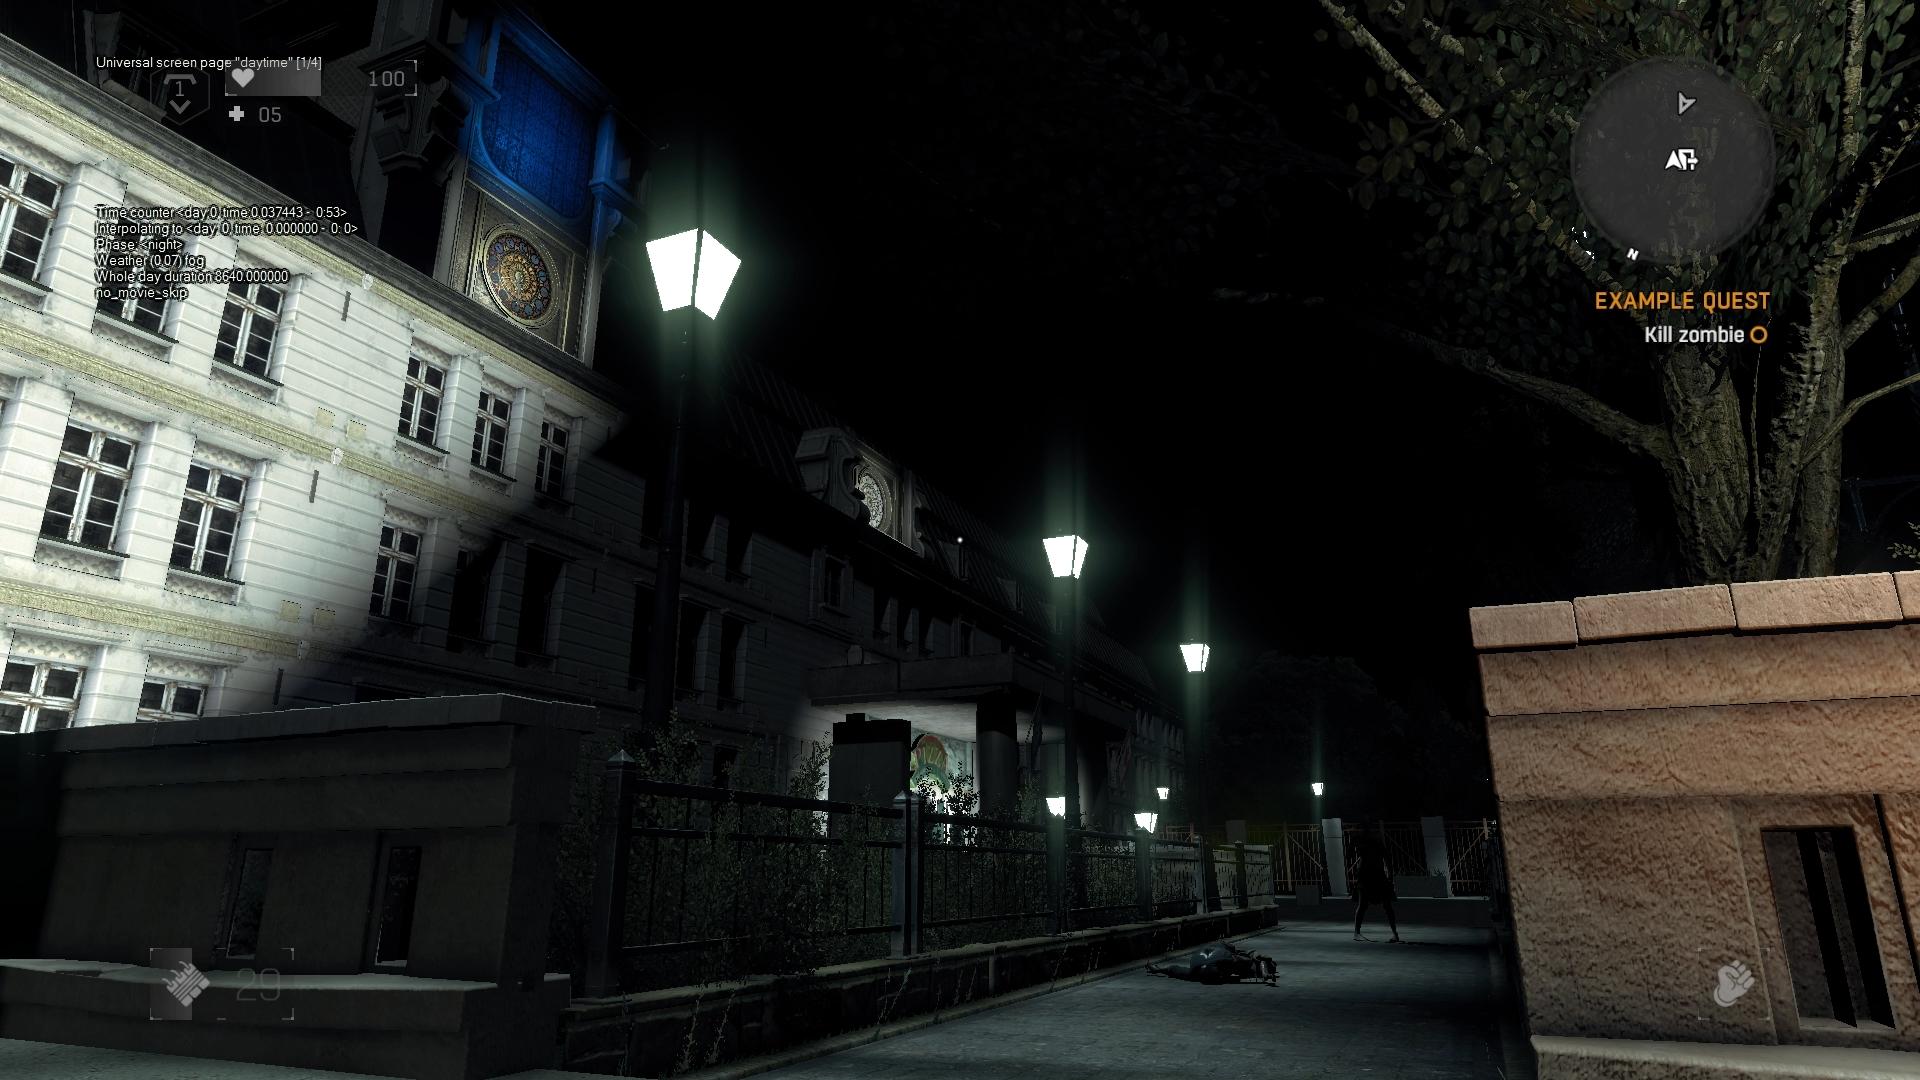 resident evil 2 remake dying light mod download